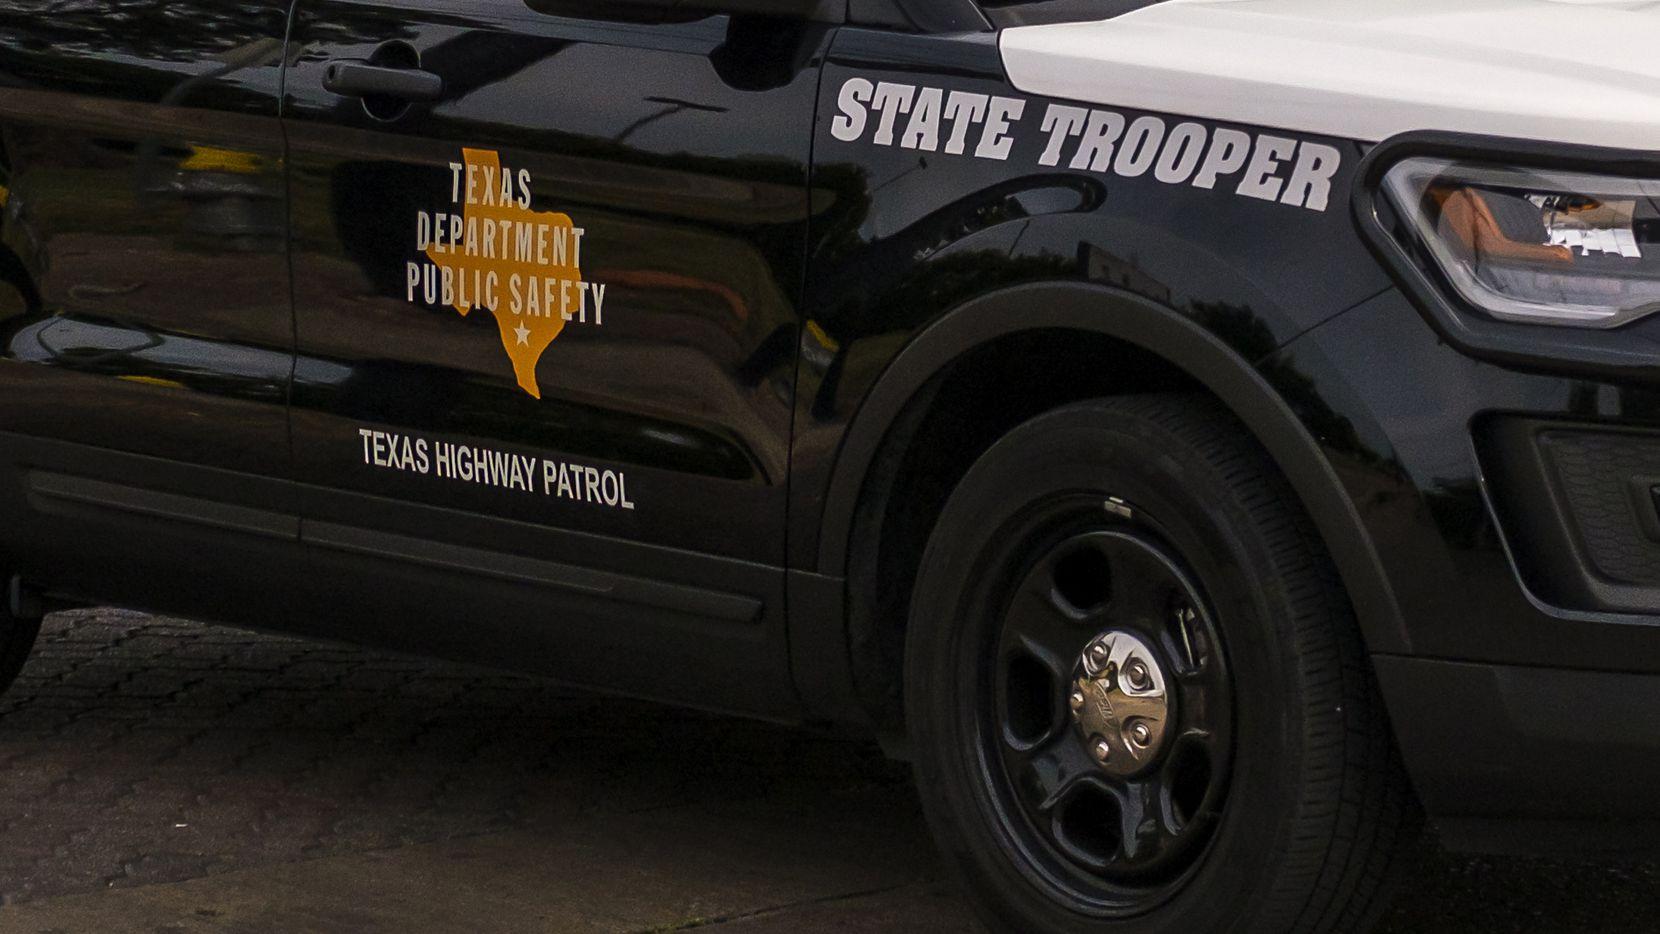 Un auto del Departamento de Seguridad Pública de Texas.